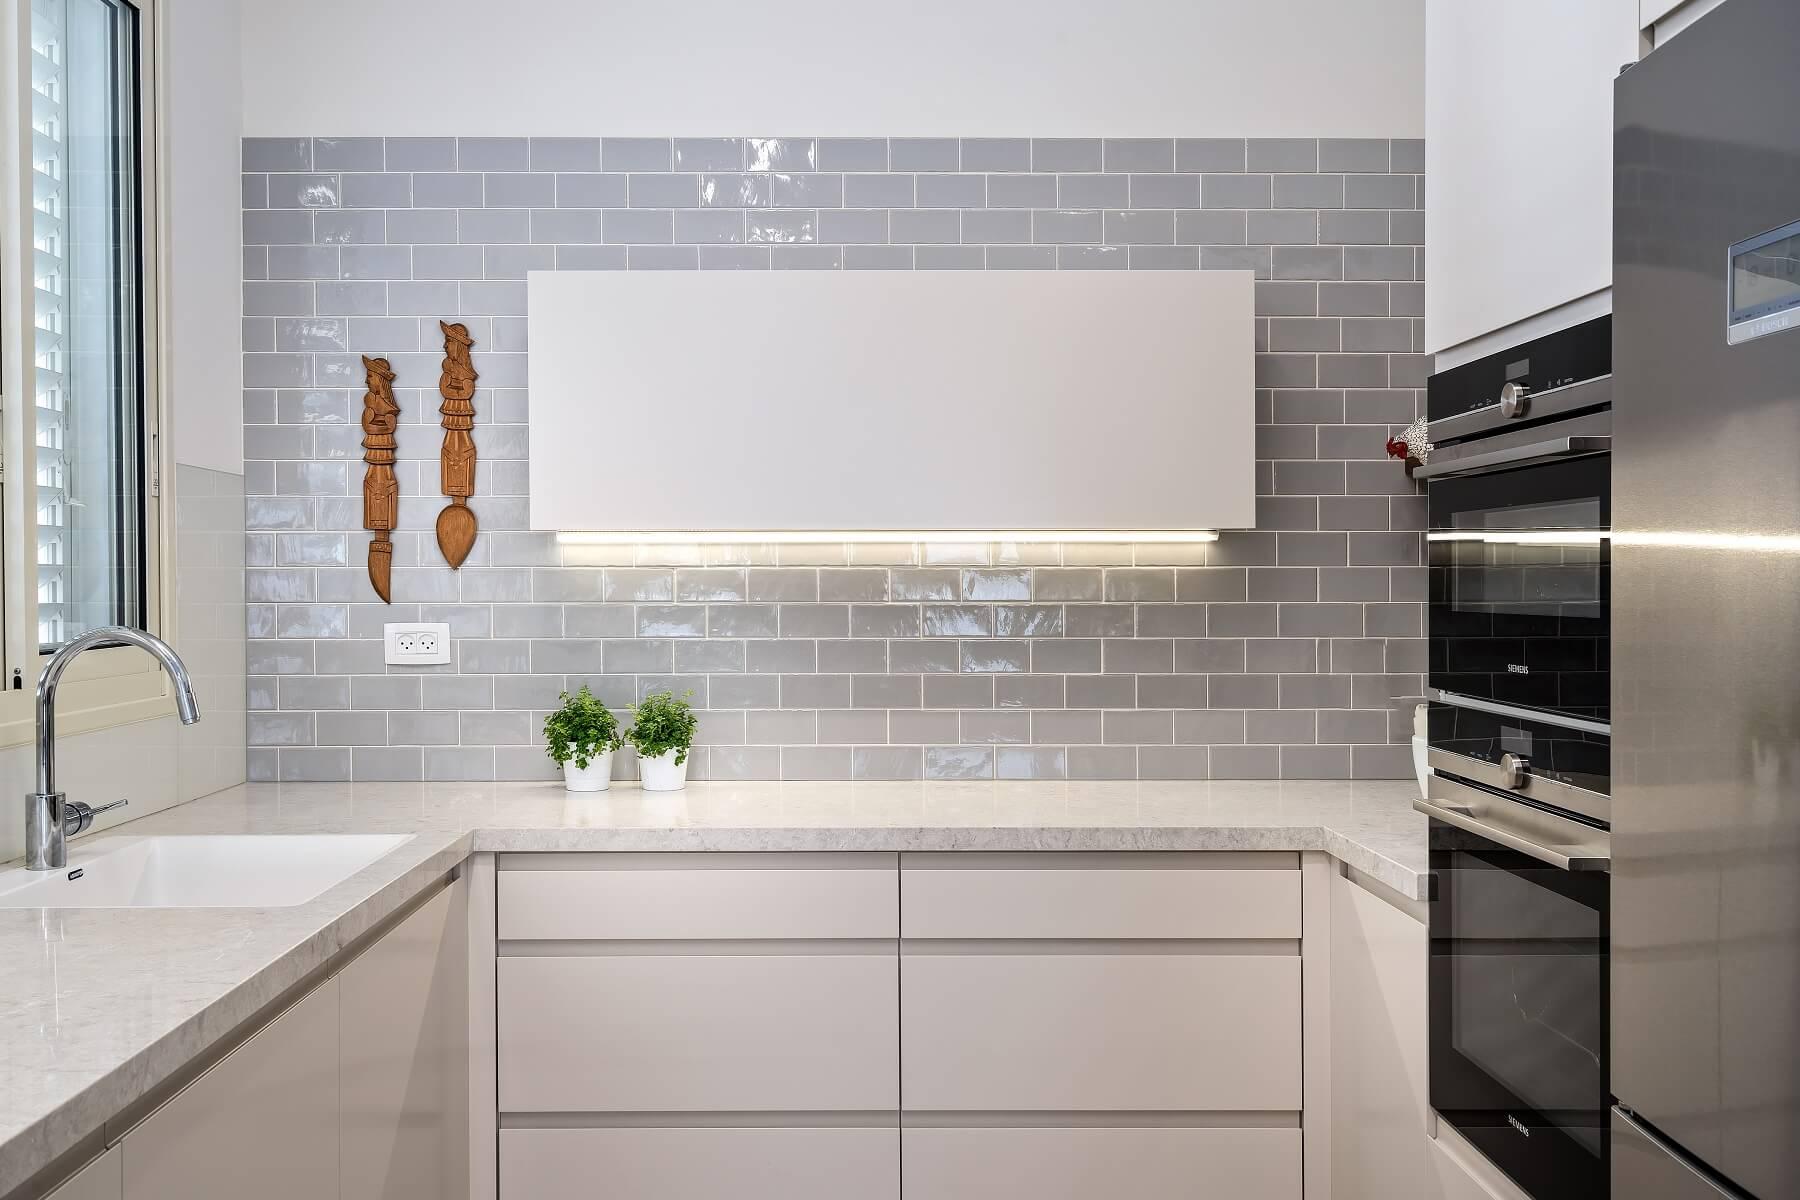 מטבח מודרני - האדריכלית ריקי קרקואר